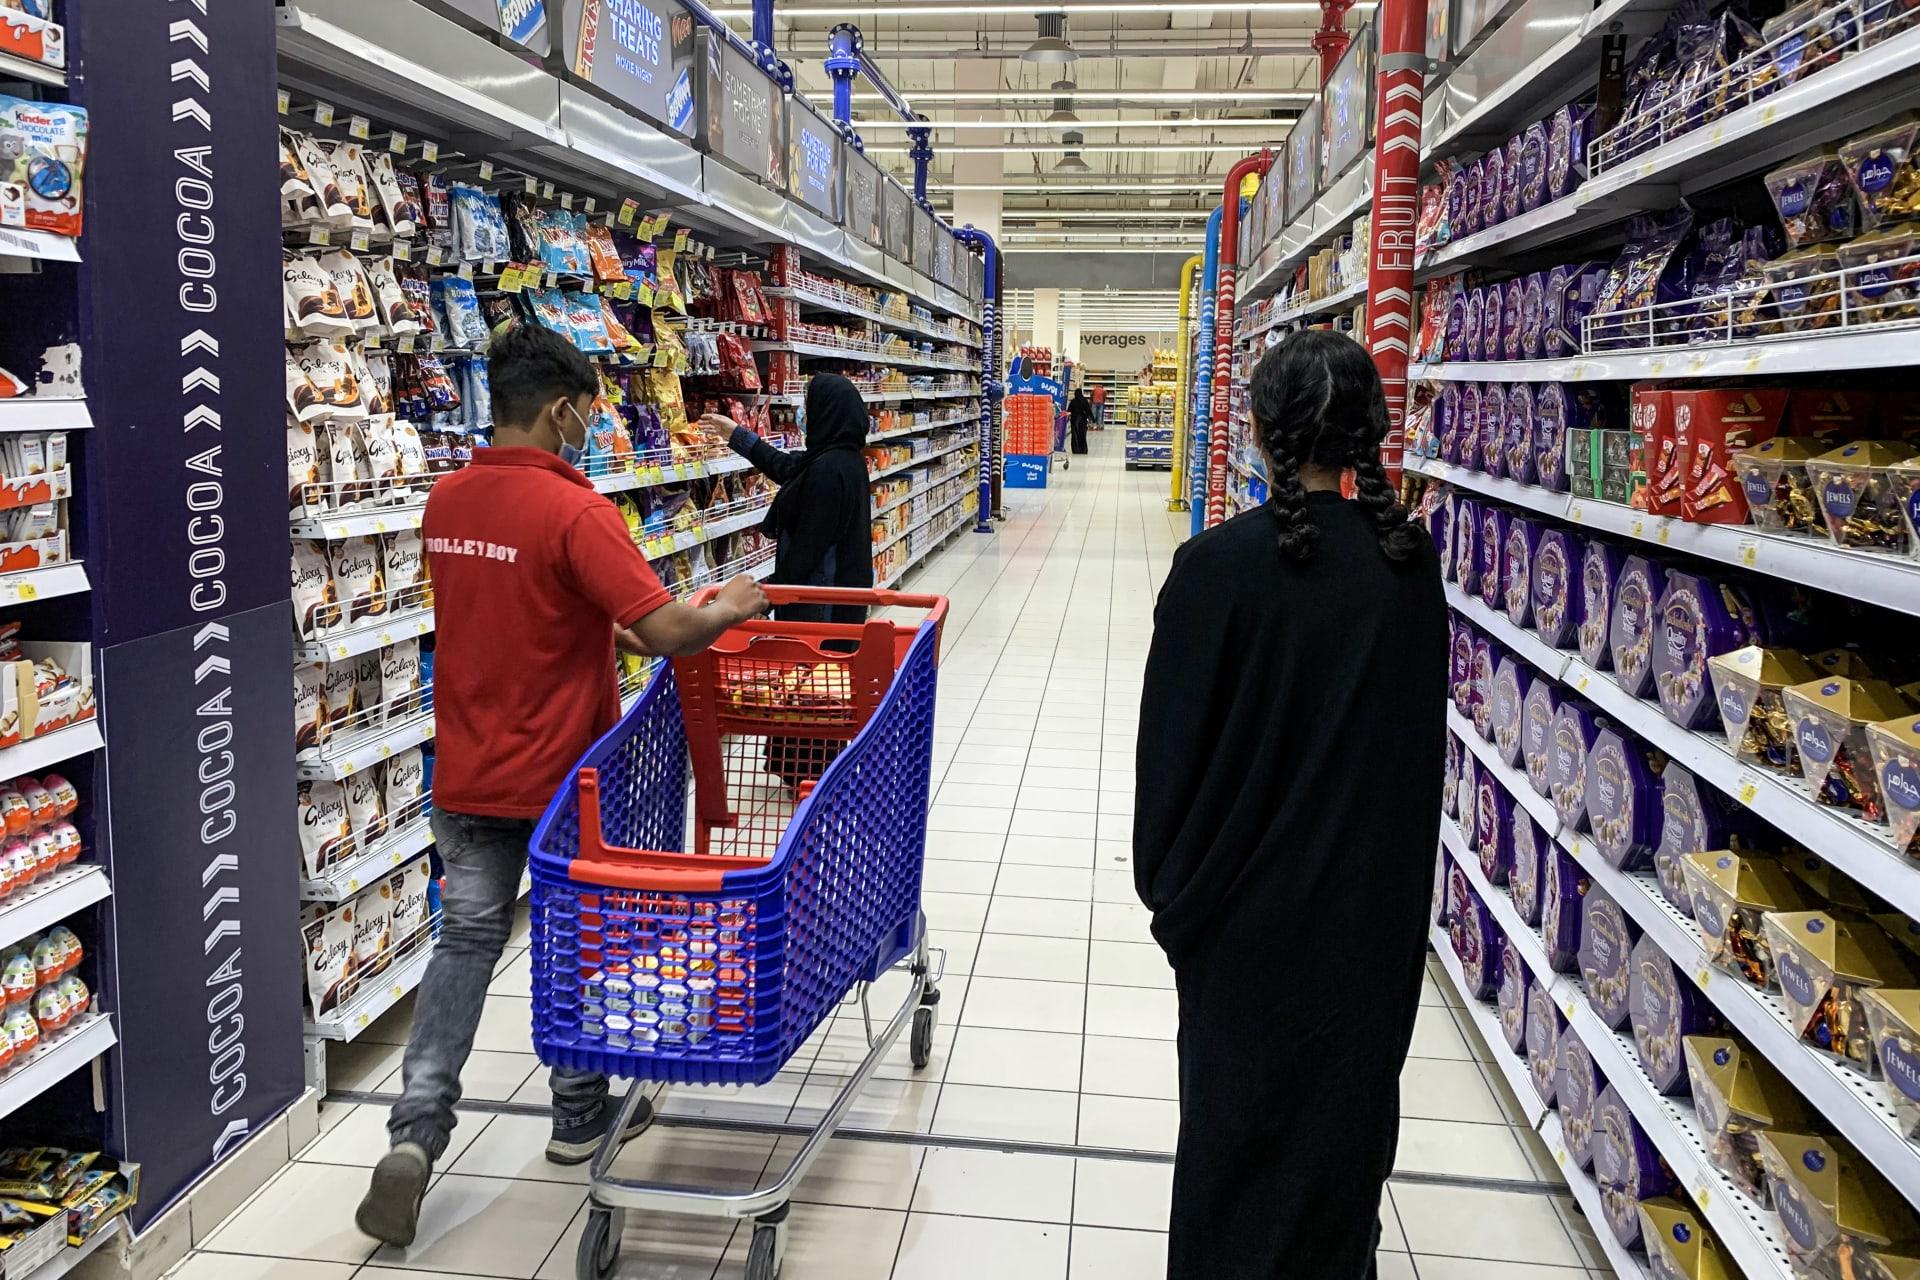 العجلان: حملة مقاطعة المنتجات التركية مستمرة مهما حاولوا التشويش